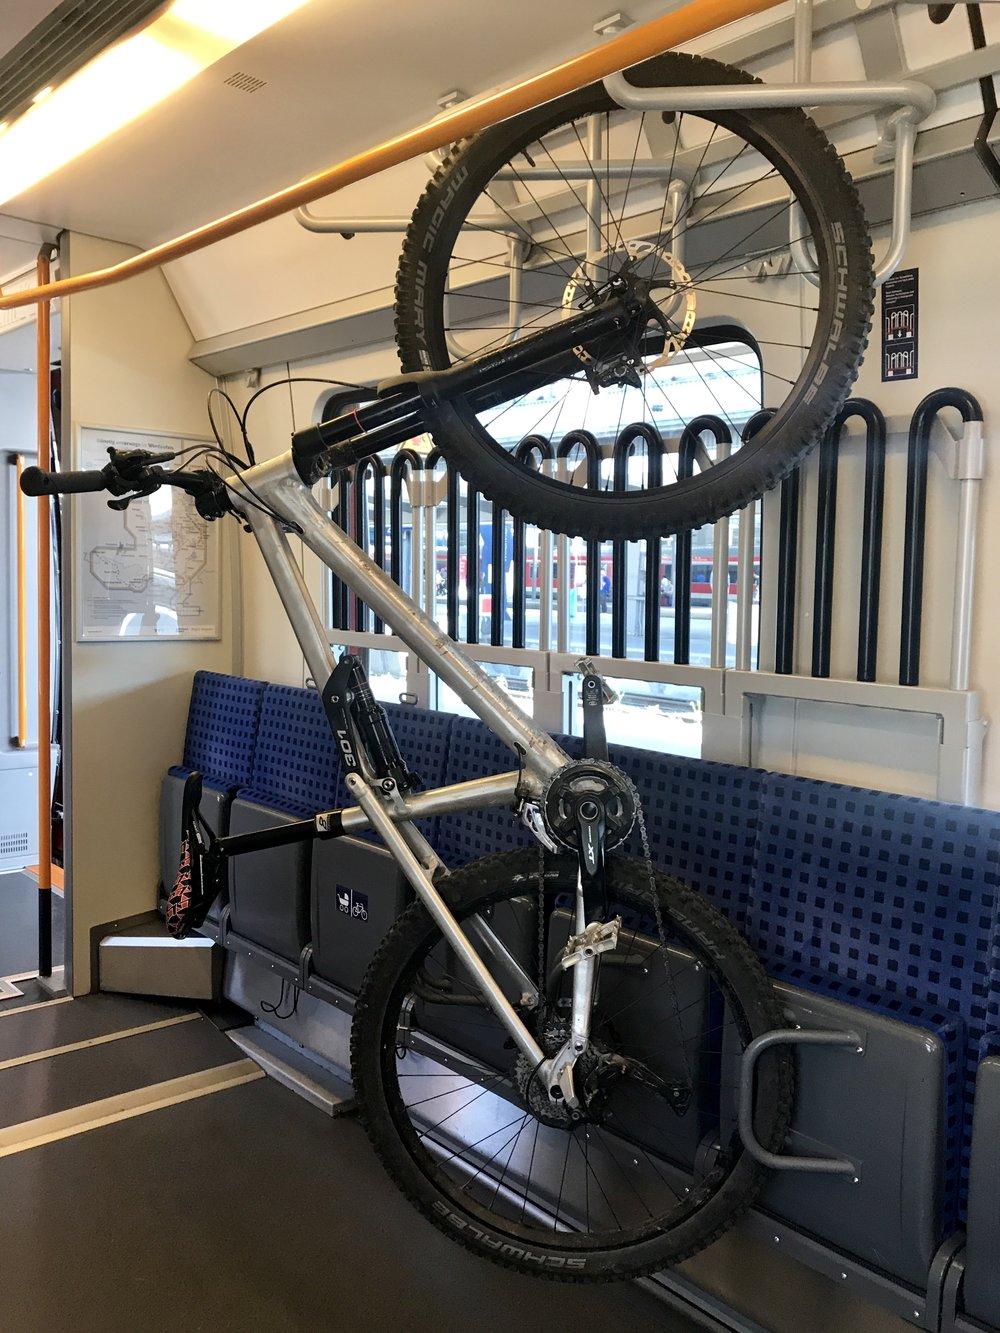 Viel Platz für mein Radl - ein Vorteil, wenn man unter der Woche unterwegs ist ;)